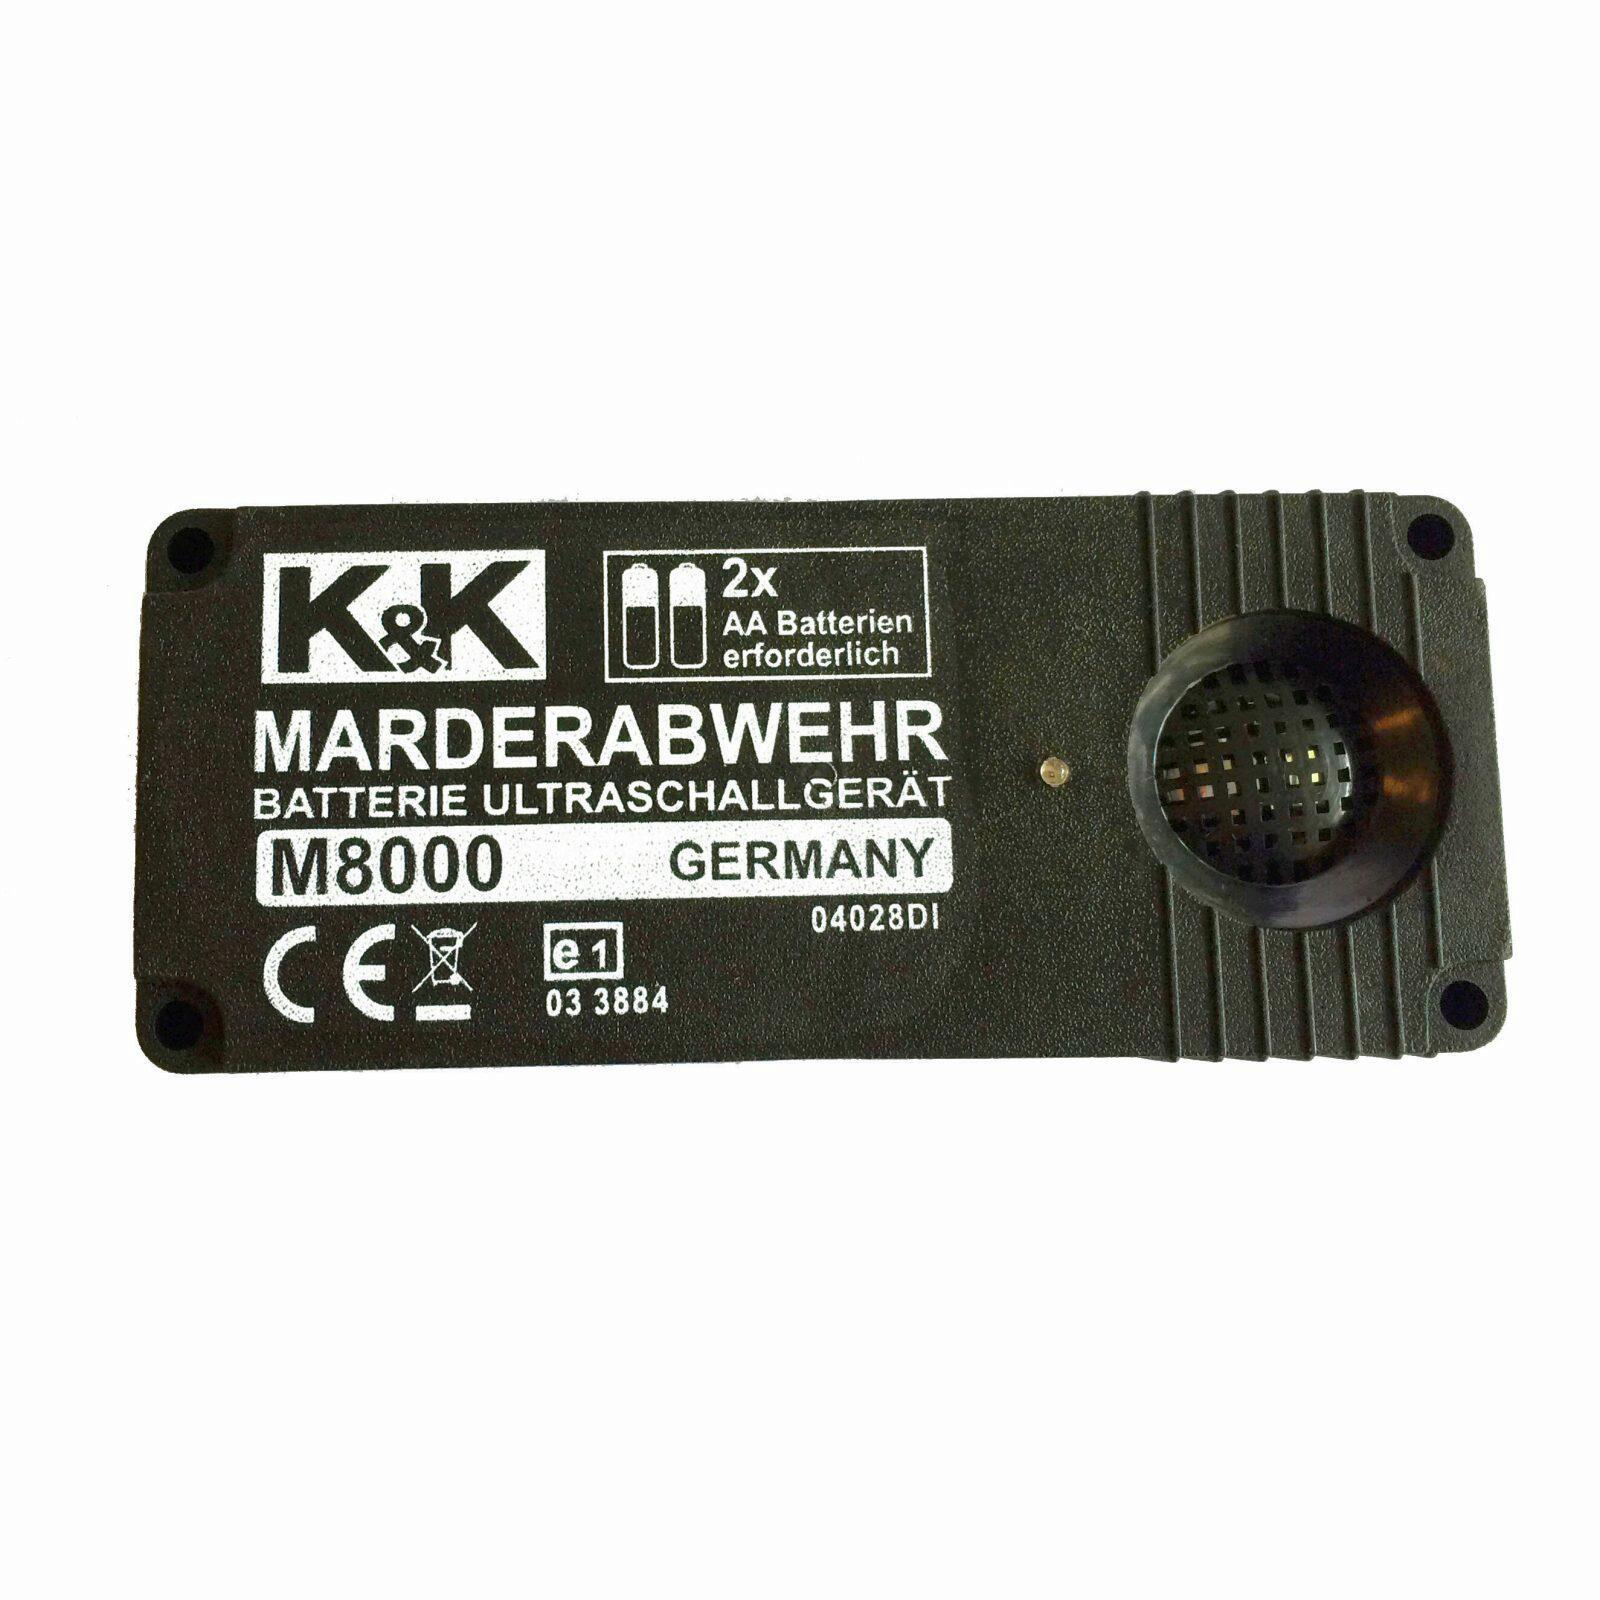 K&K Marderabwehr M8000